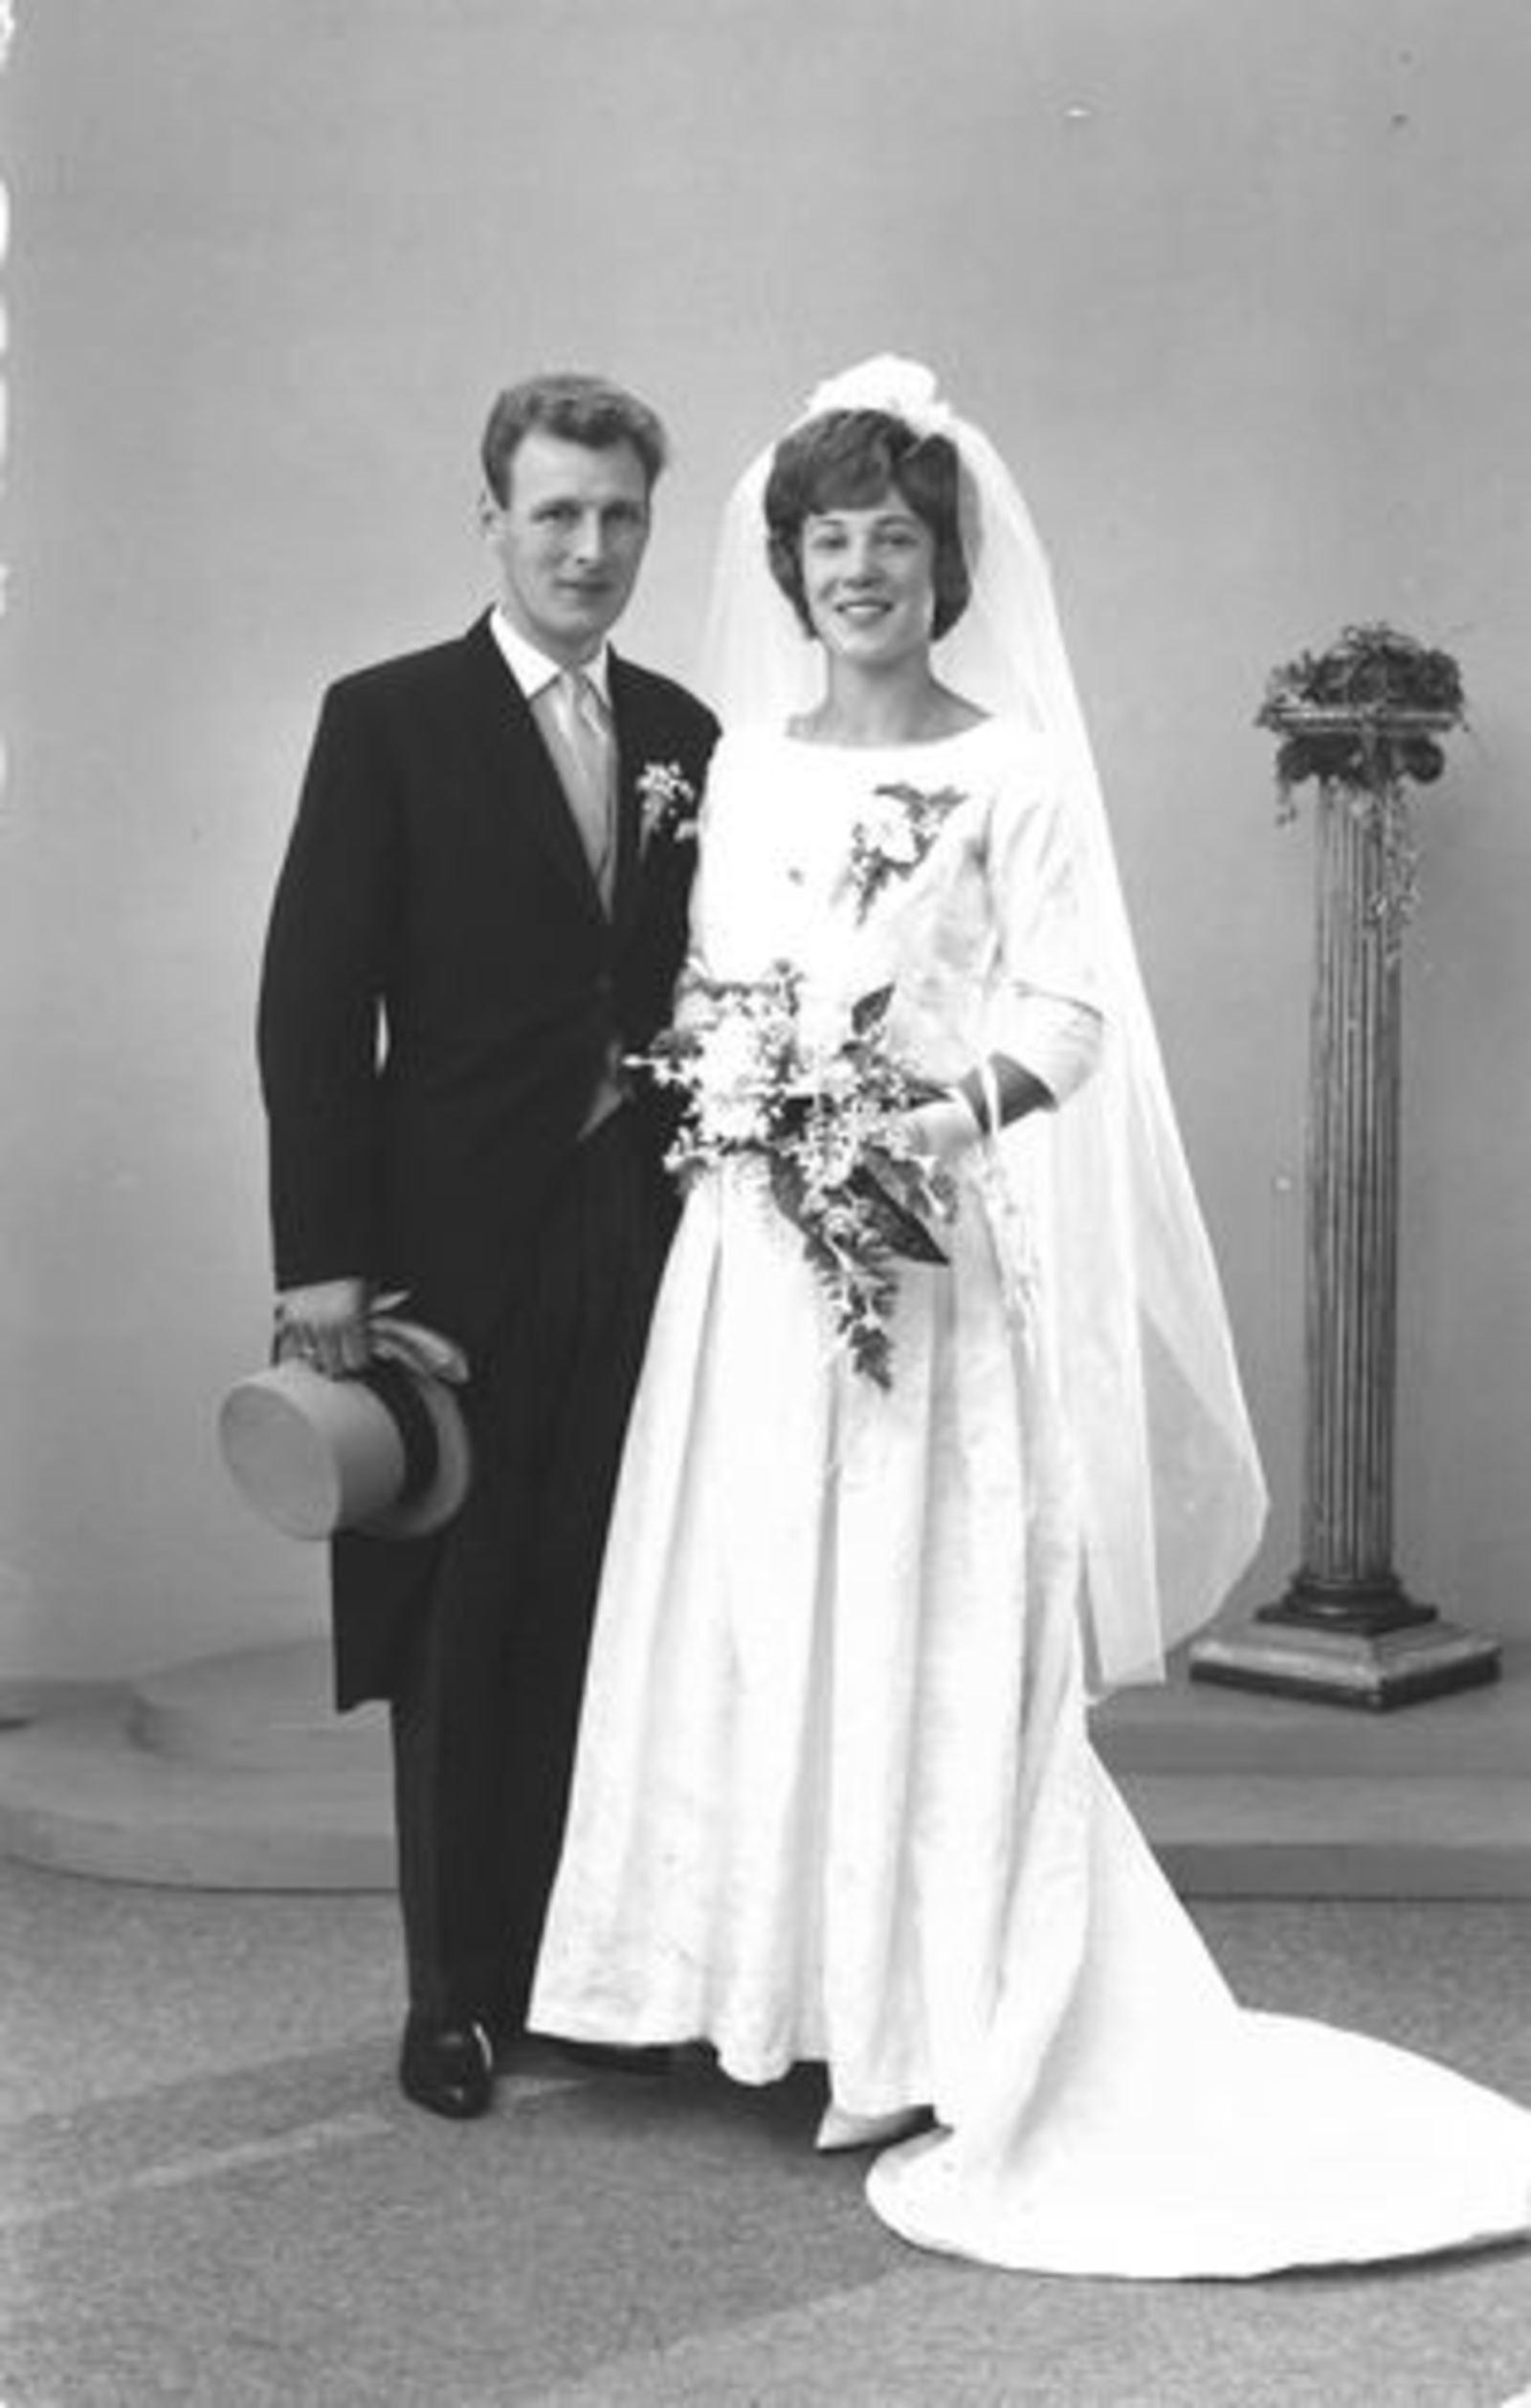 Veen Ko v 1935 19__ trouwt Arija Onbekend